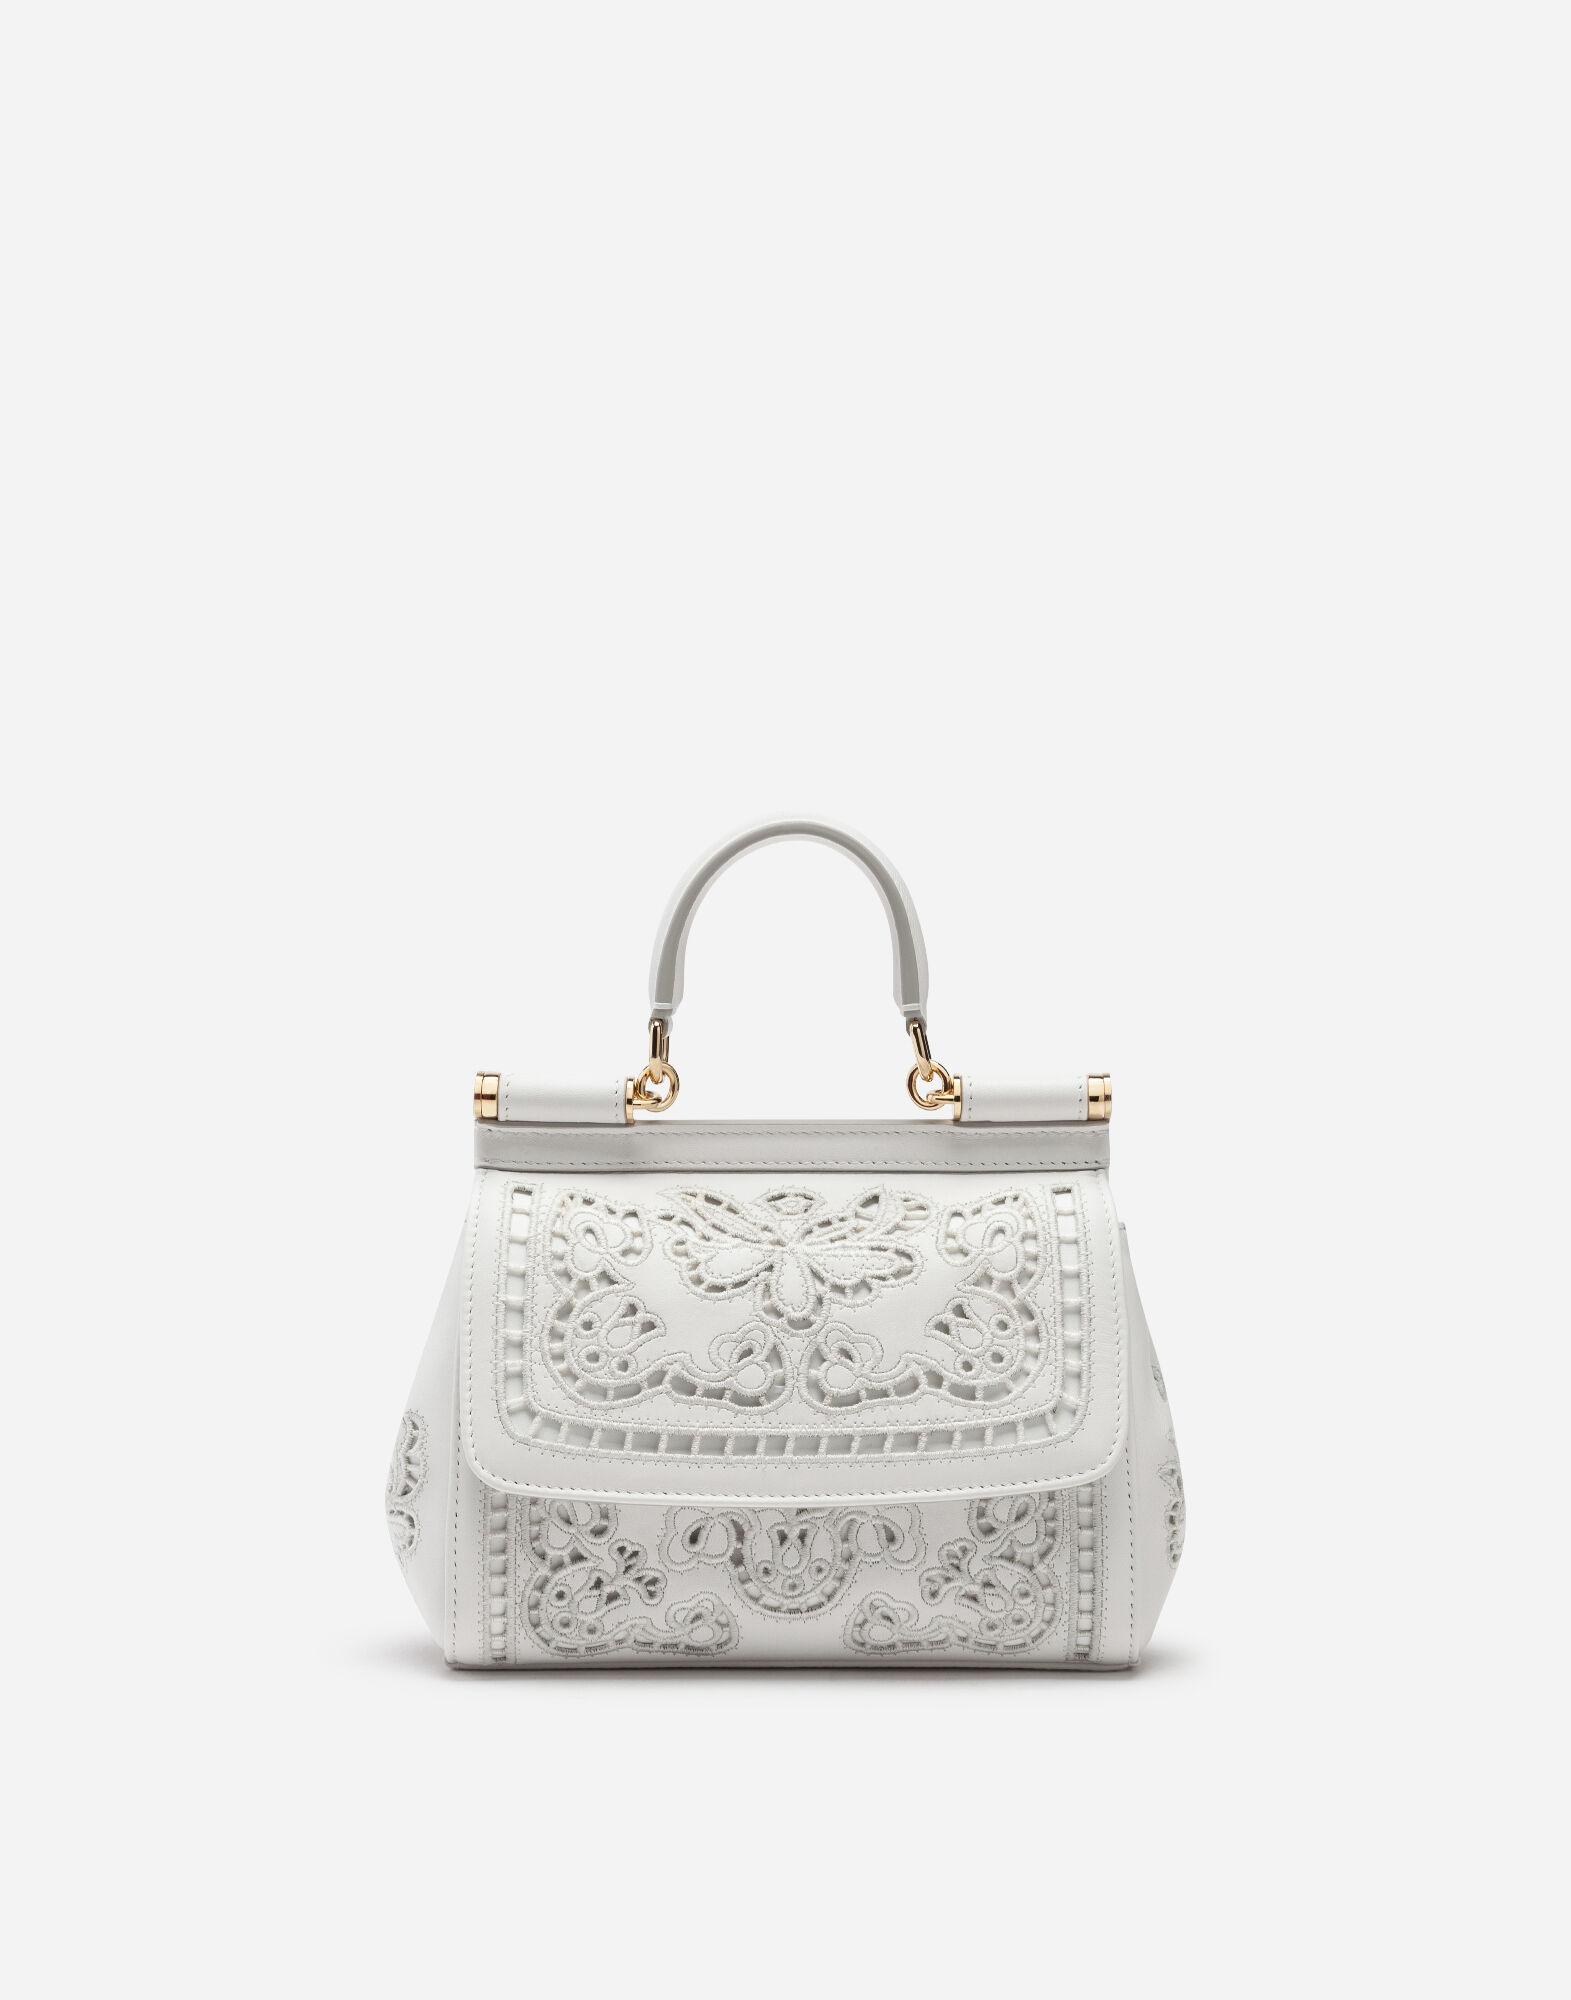 Dolce & Gabbana Small Sicily Bag In Intaglio Nappa Leather In White